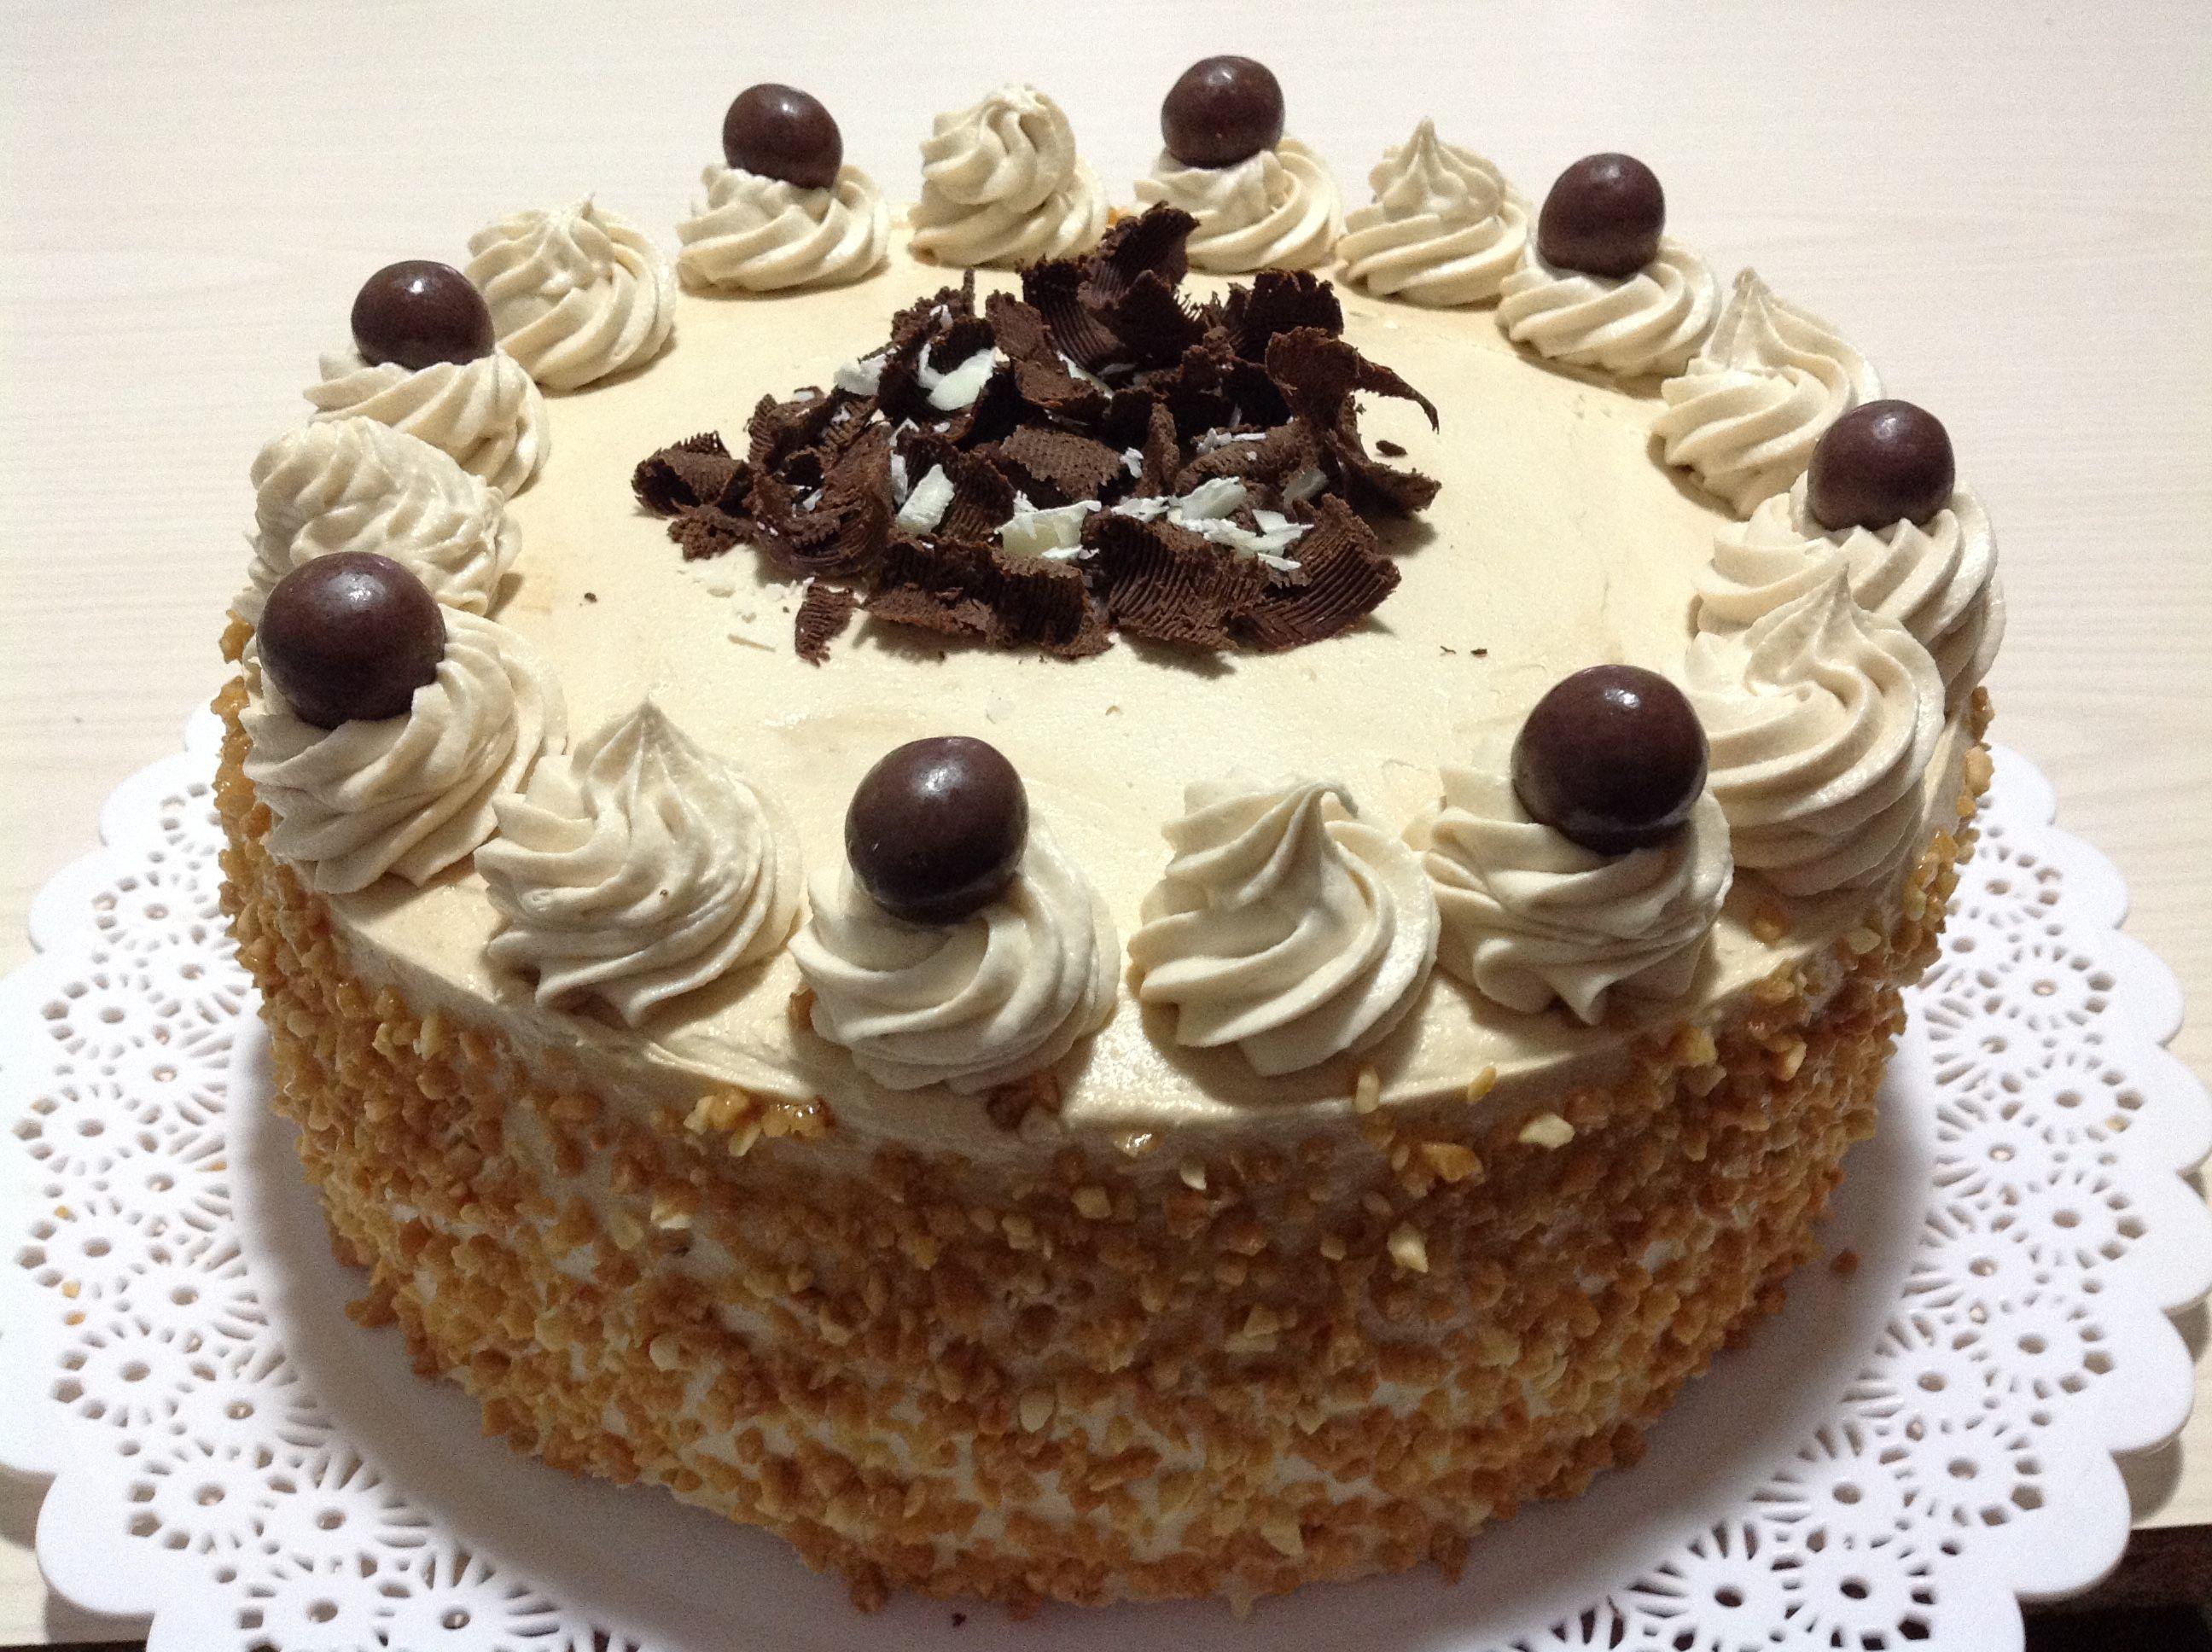 TORTA MOKA Les presento!! el favorito de cualquier amante del café!!! https://www.facebook.com/Tortastartas-y-m%C3%A1s-dulces-571312699699408/